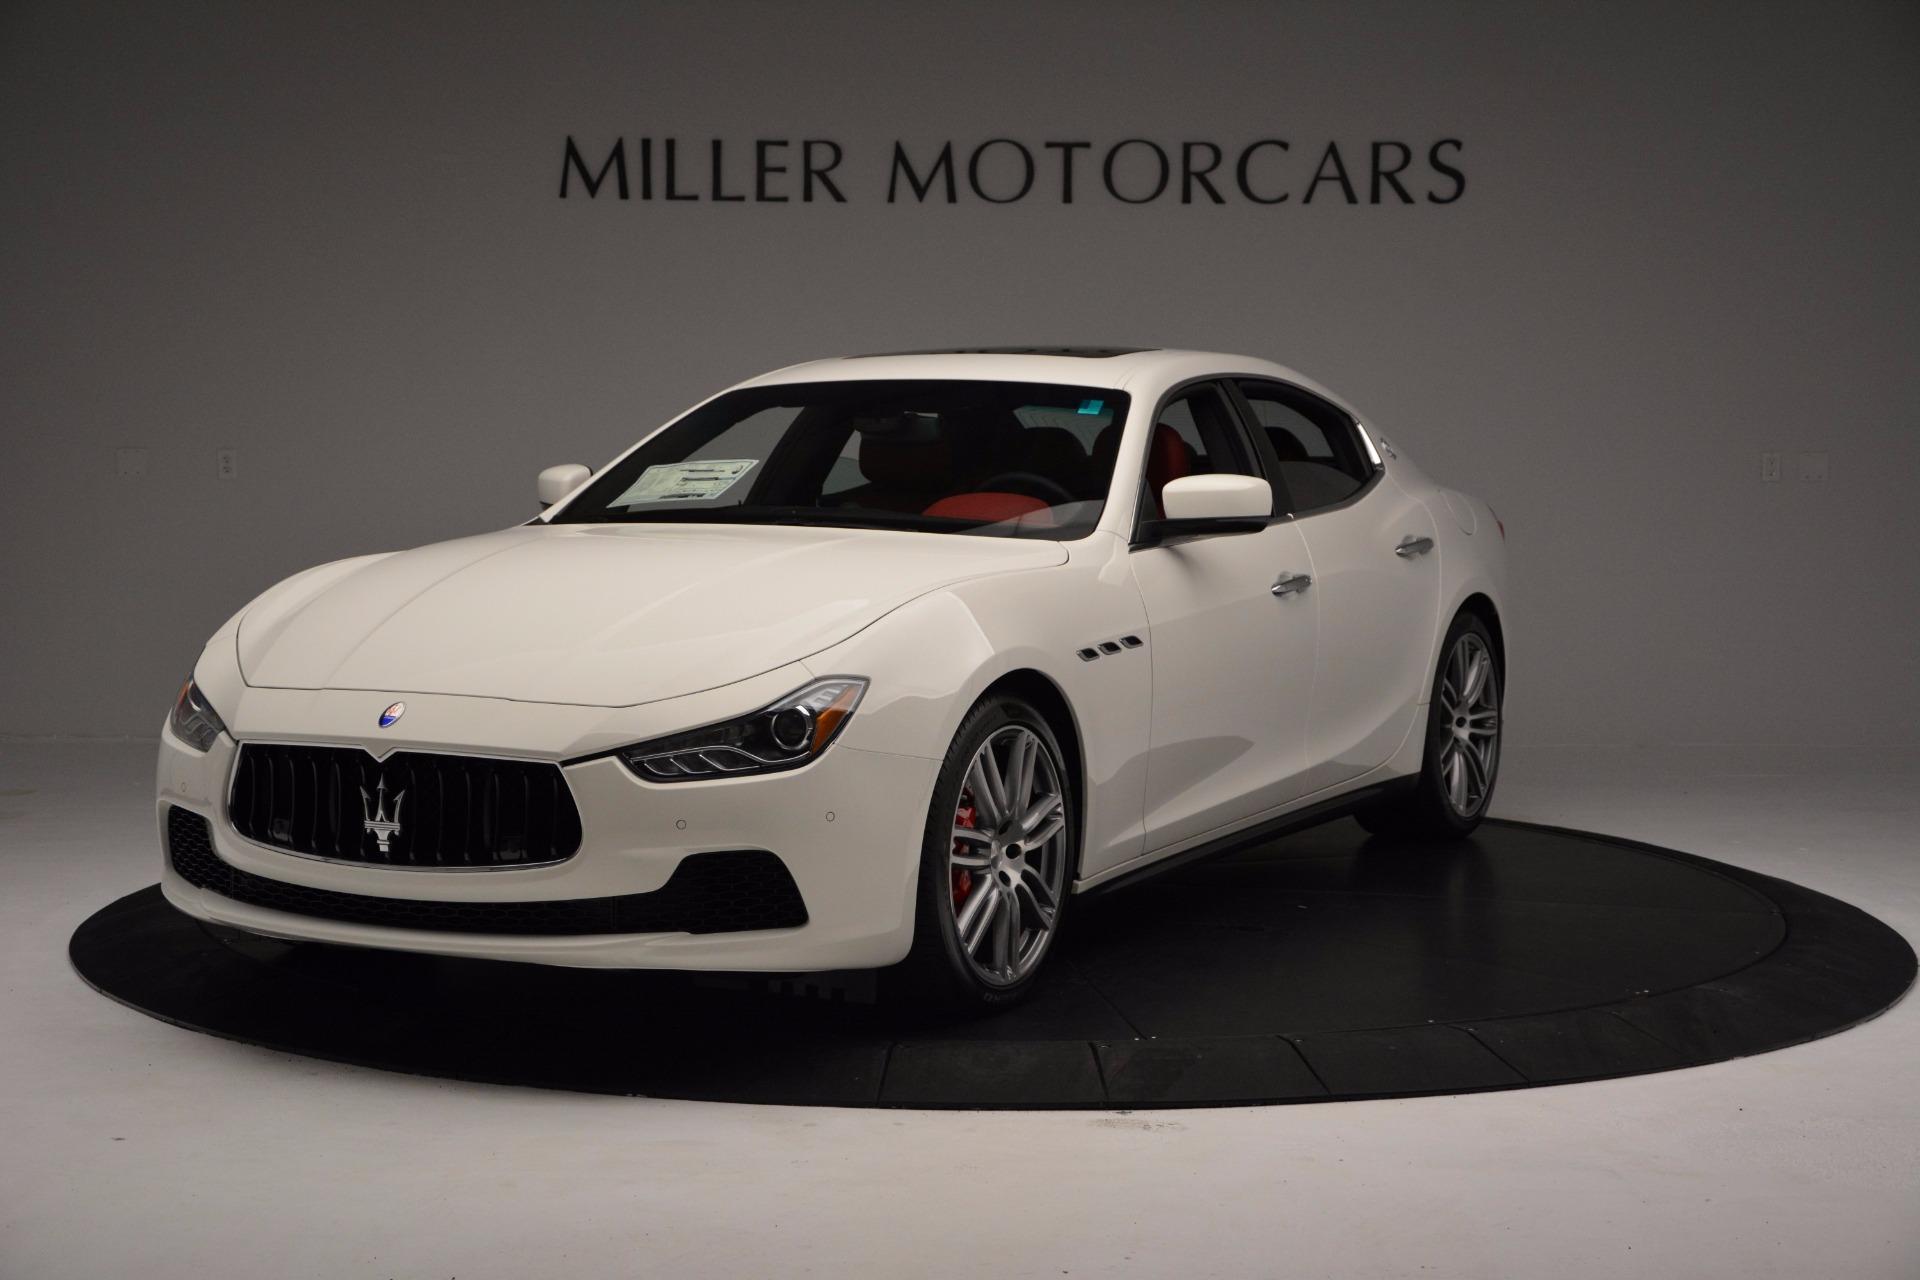 New 2017 Maserati Ghibli SQ4 For Sale In Westport, CT 962_main